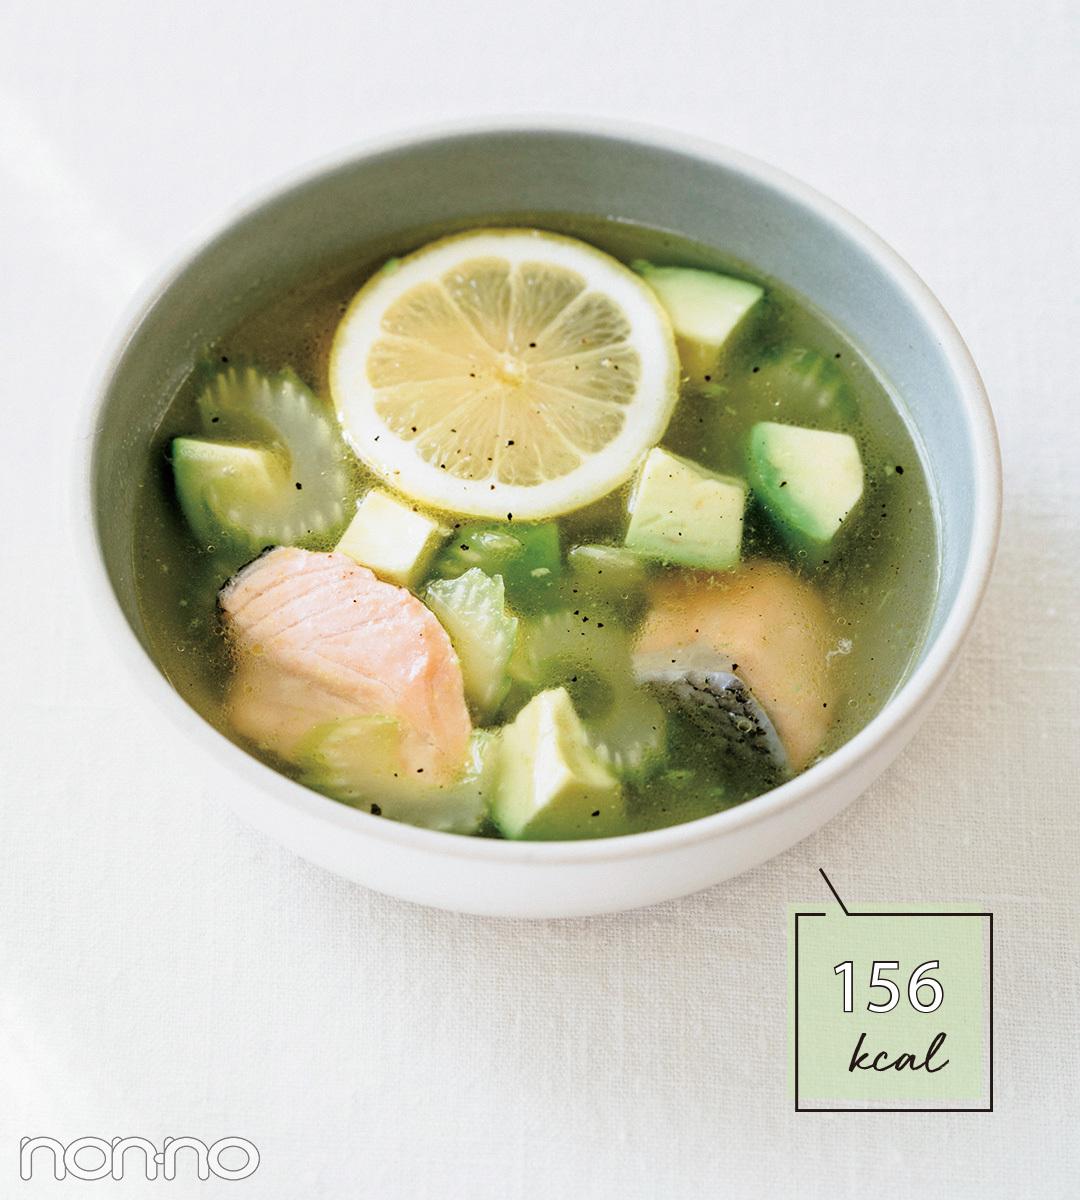 鮭とアボカドのレモンスープ